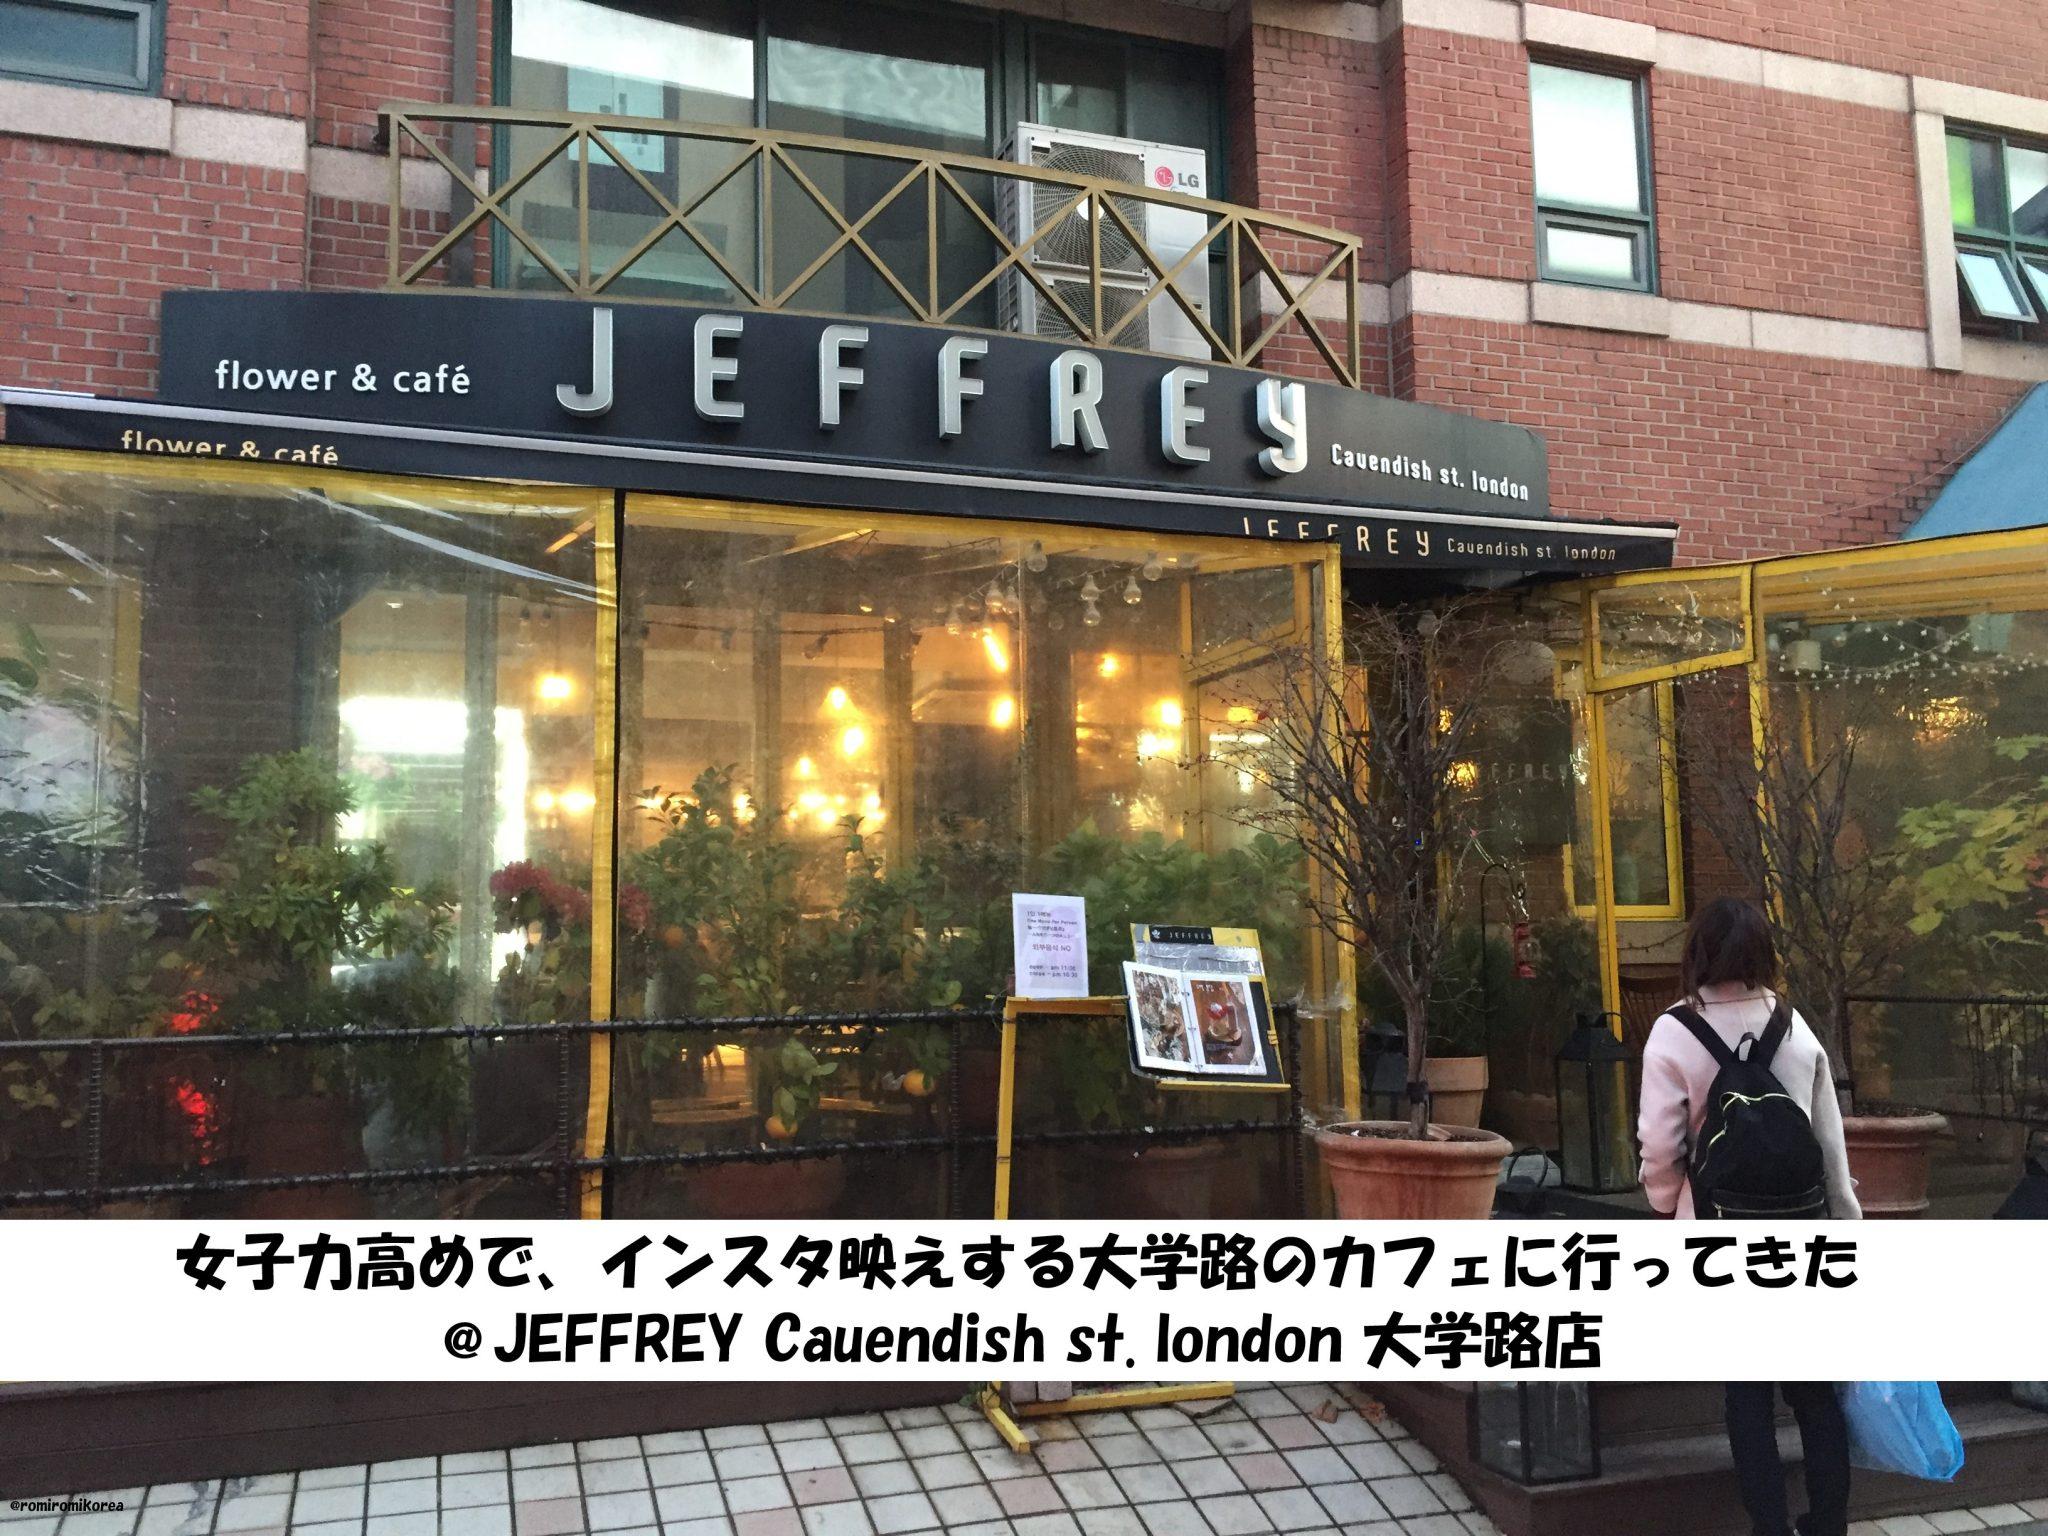 女子力高めで、テンション上がること間違いなし!インスタ映えする大学路のカフェに行ってきた@JEFFREY Cauendish st. london 大学路店